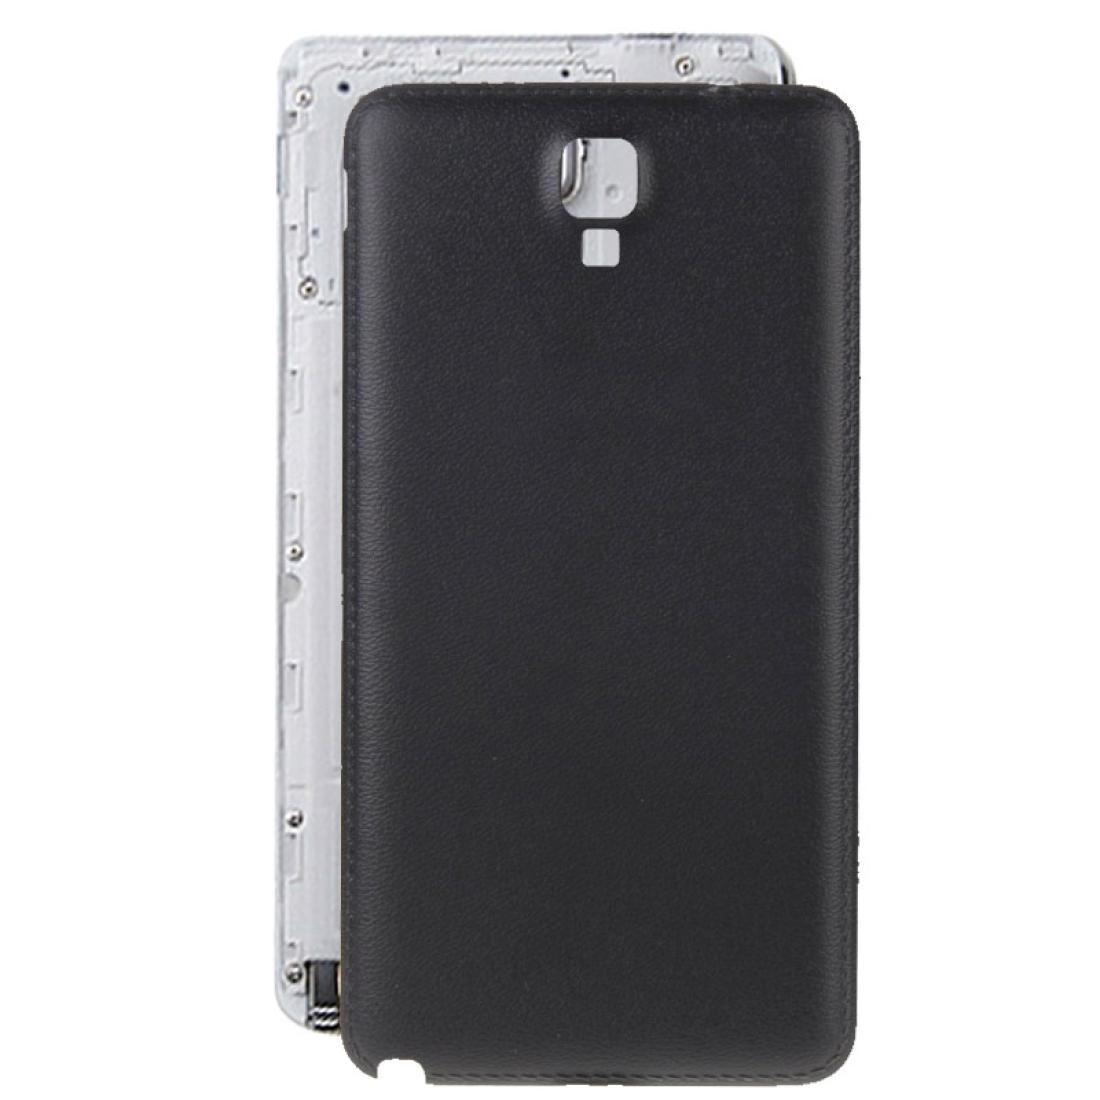 Couverture arrière de la batterie pour Galaxy Note 3 Neo N7505